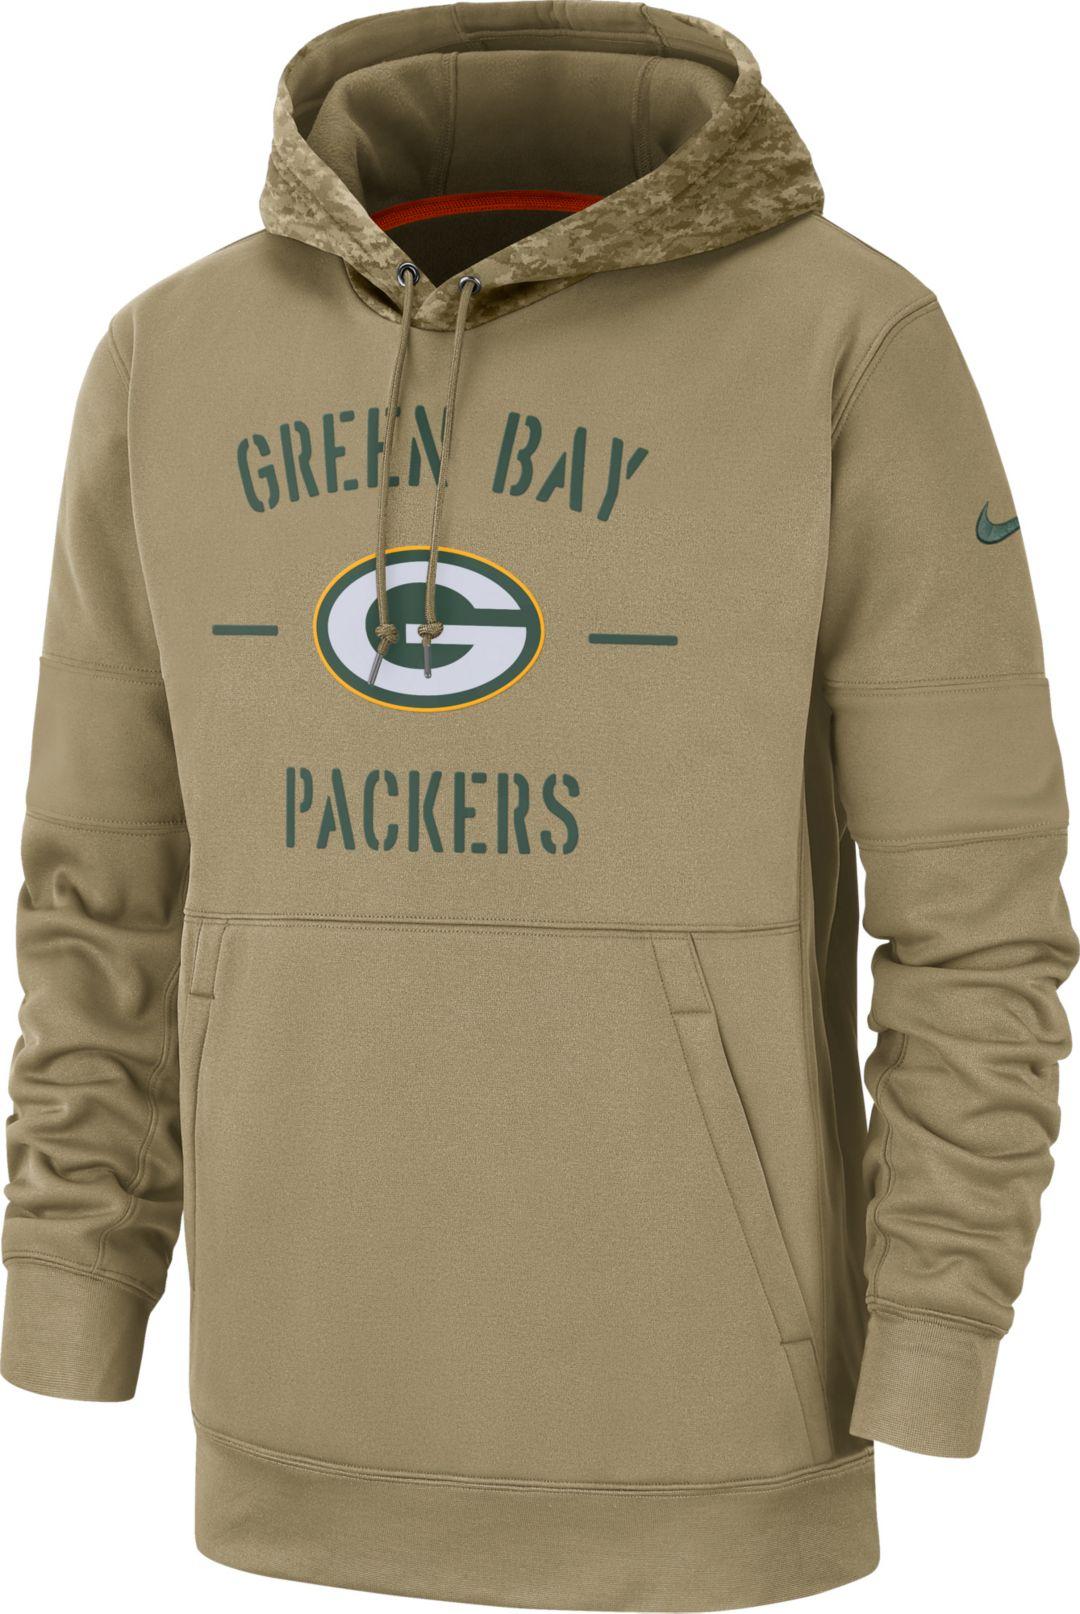 Ladies Nike Therma Fit NFL Packers Hoodie, Large!